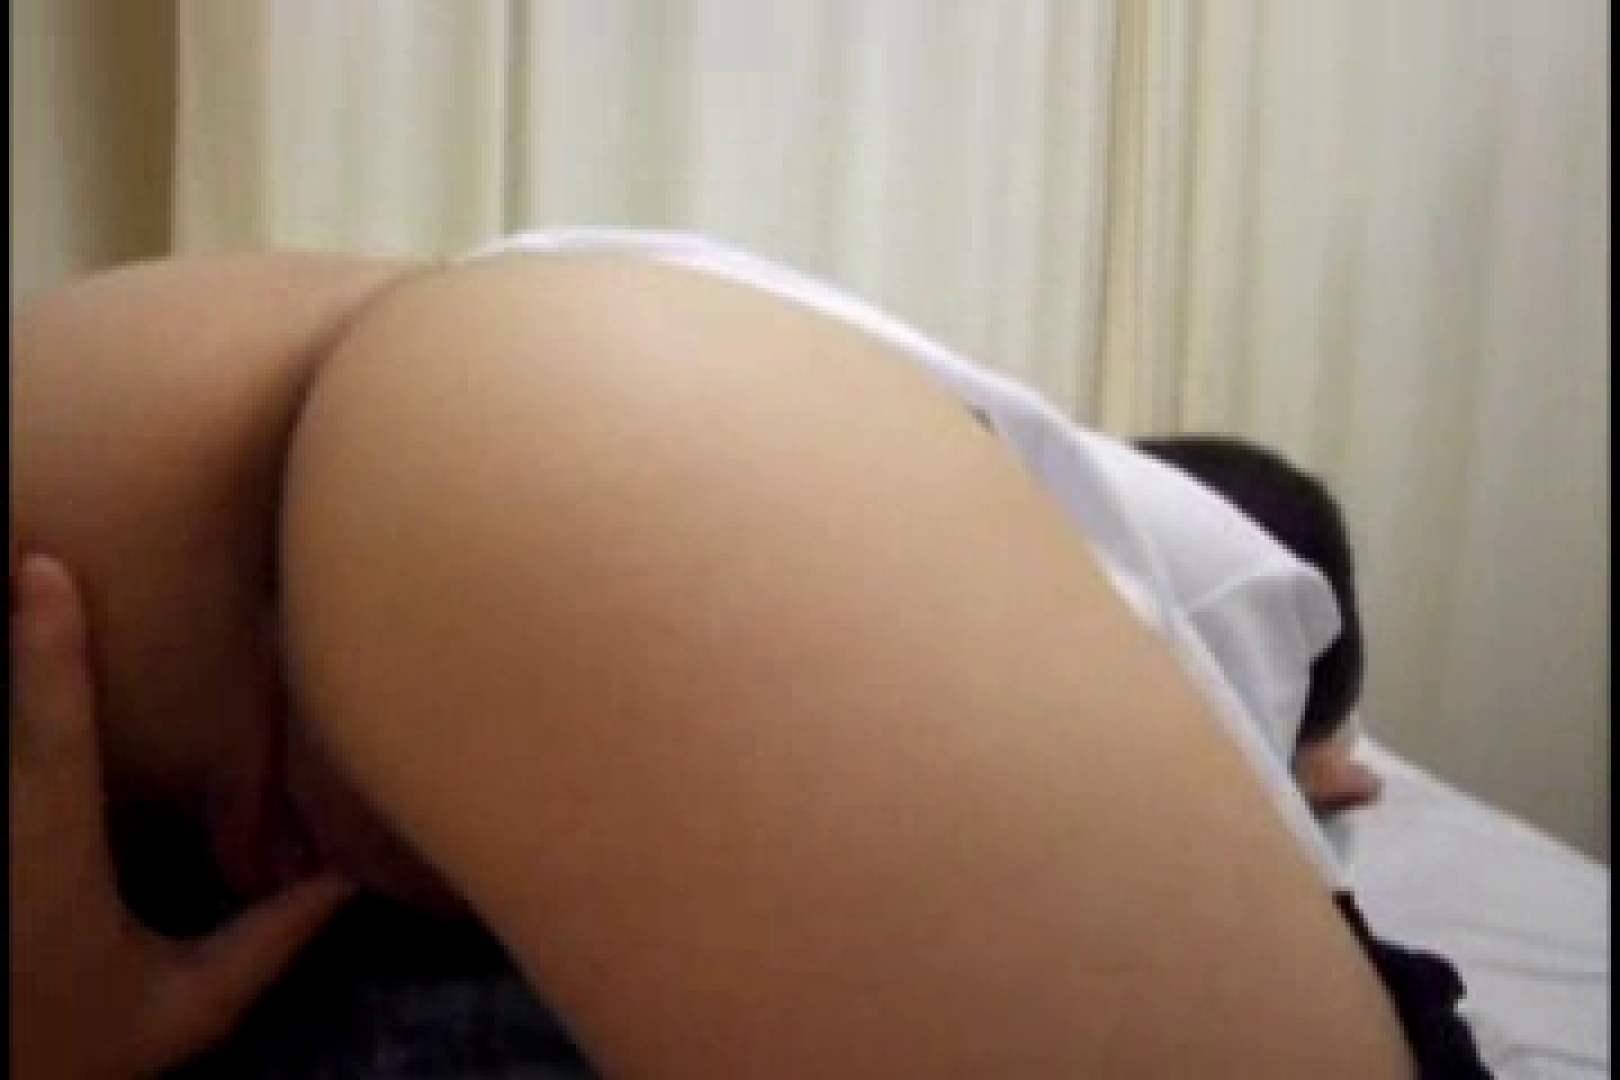 ヤリマンと呼ばれた看護士さんvol2 フェラ のぞき動画画像 106PIX 29